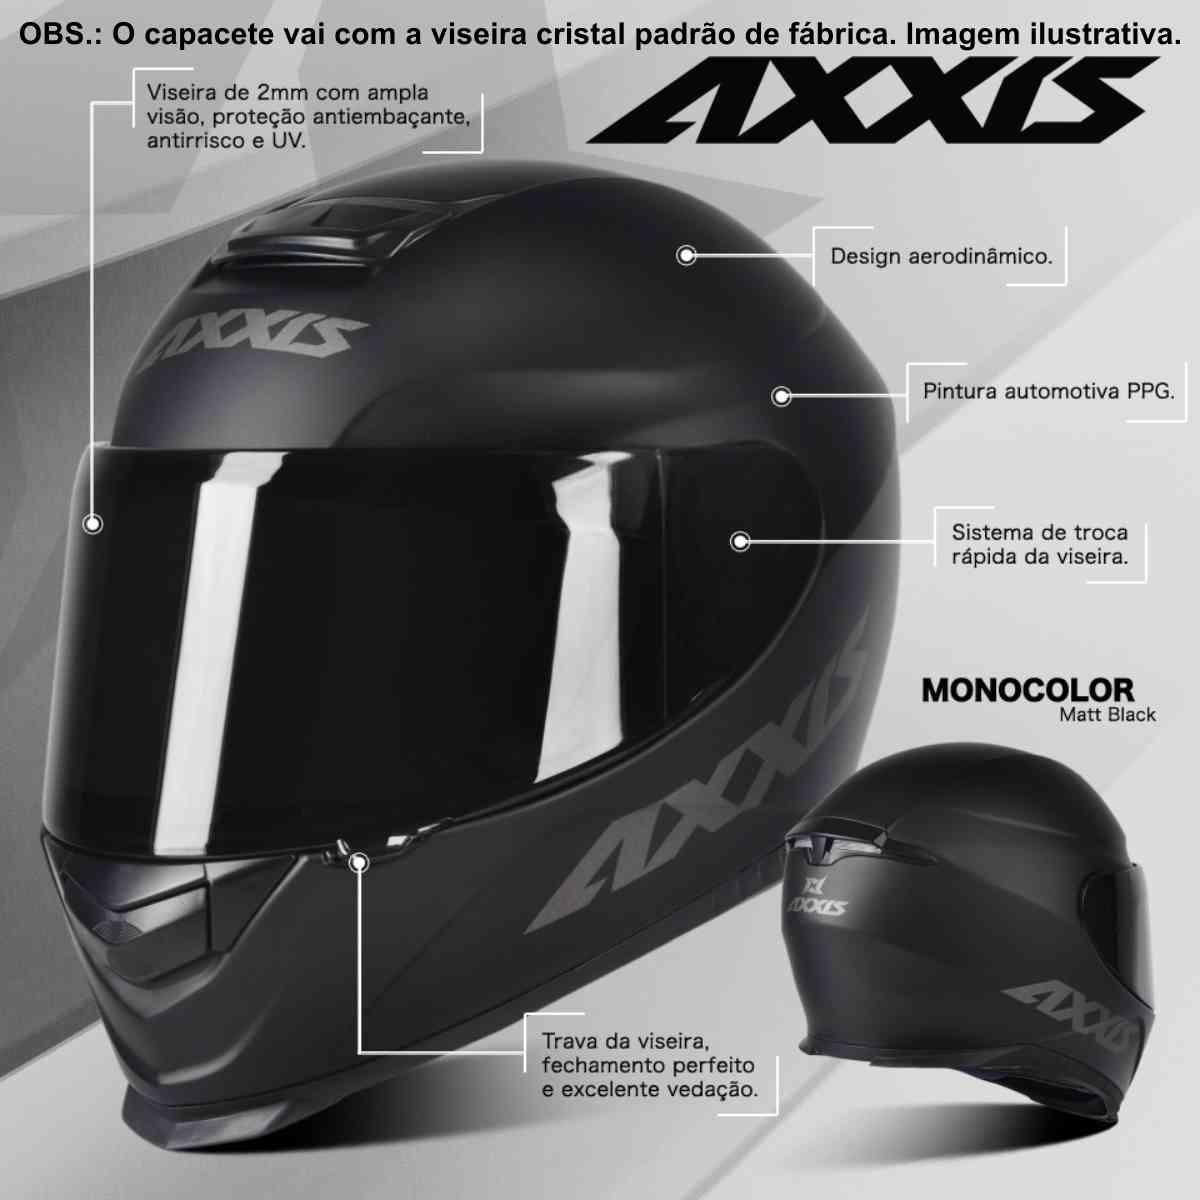 CAPACETE MOTO AXXIS EAGLE SOLID/MONOCOLOR PRETO FOSCO/CINZA